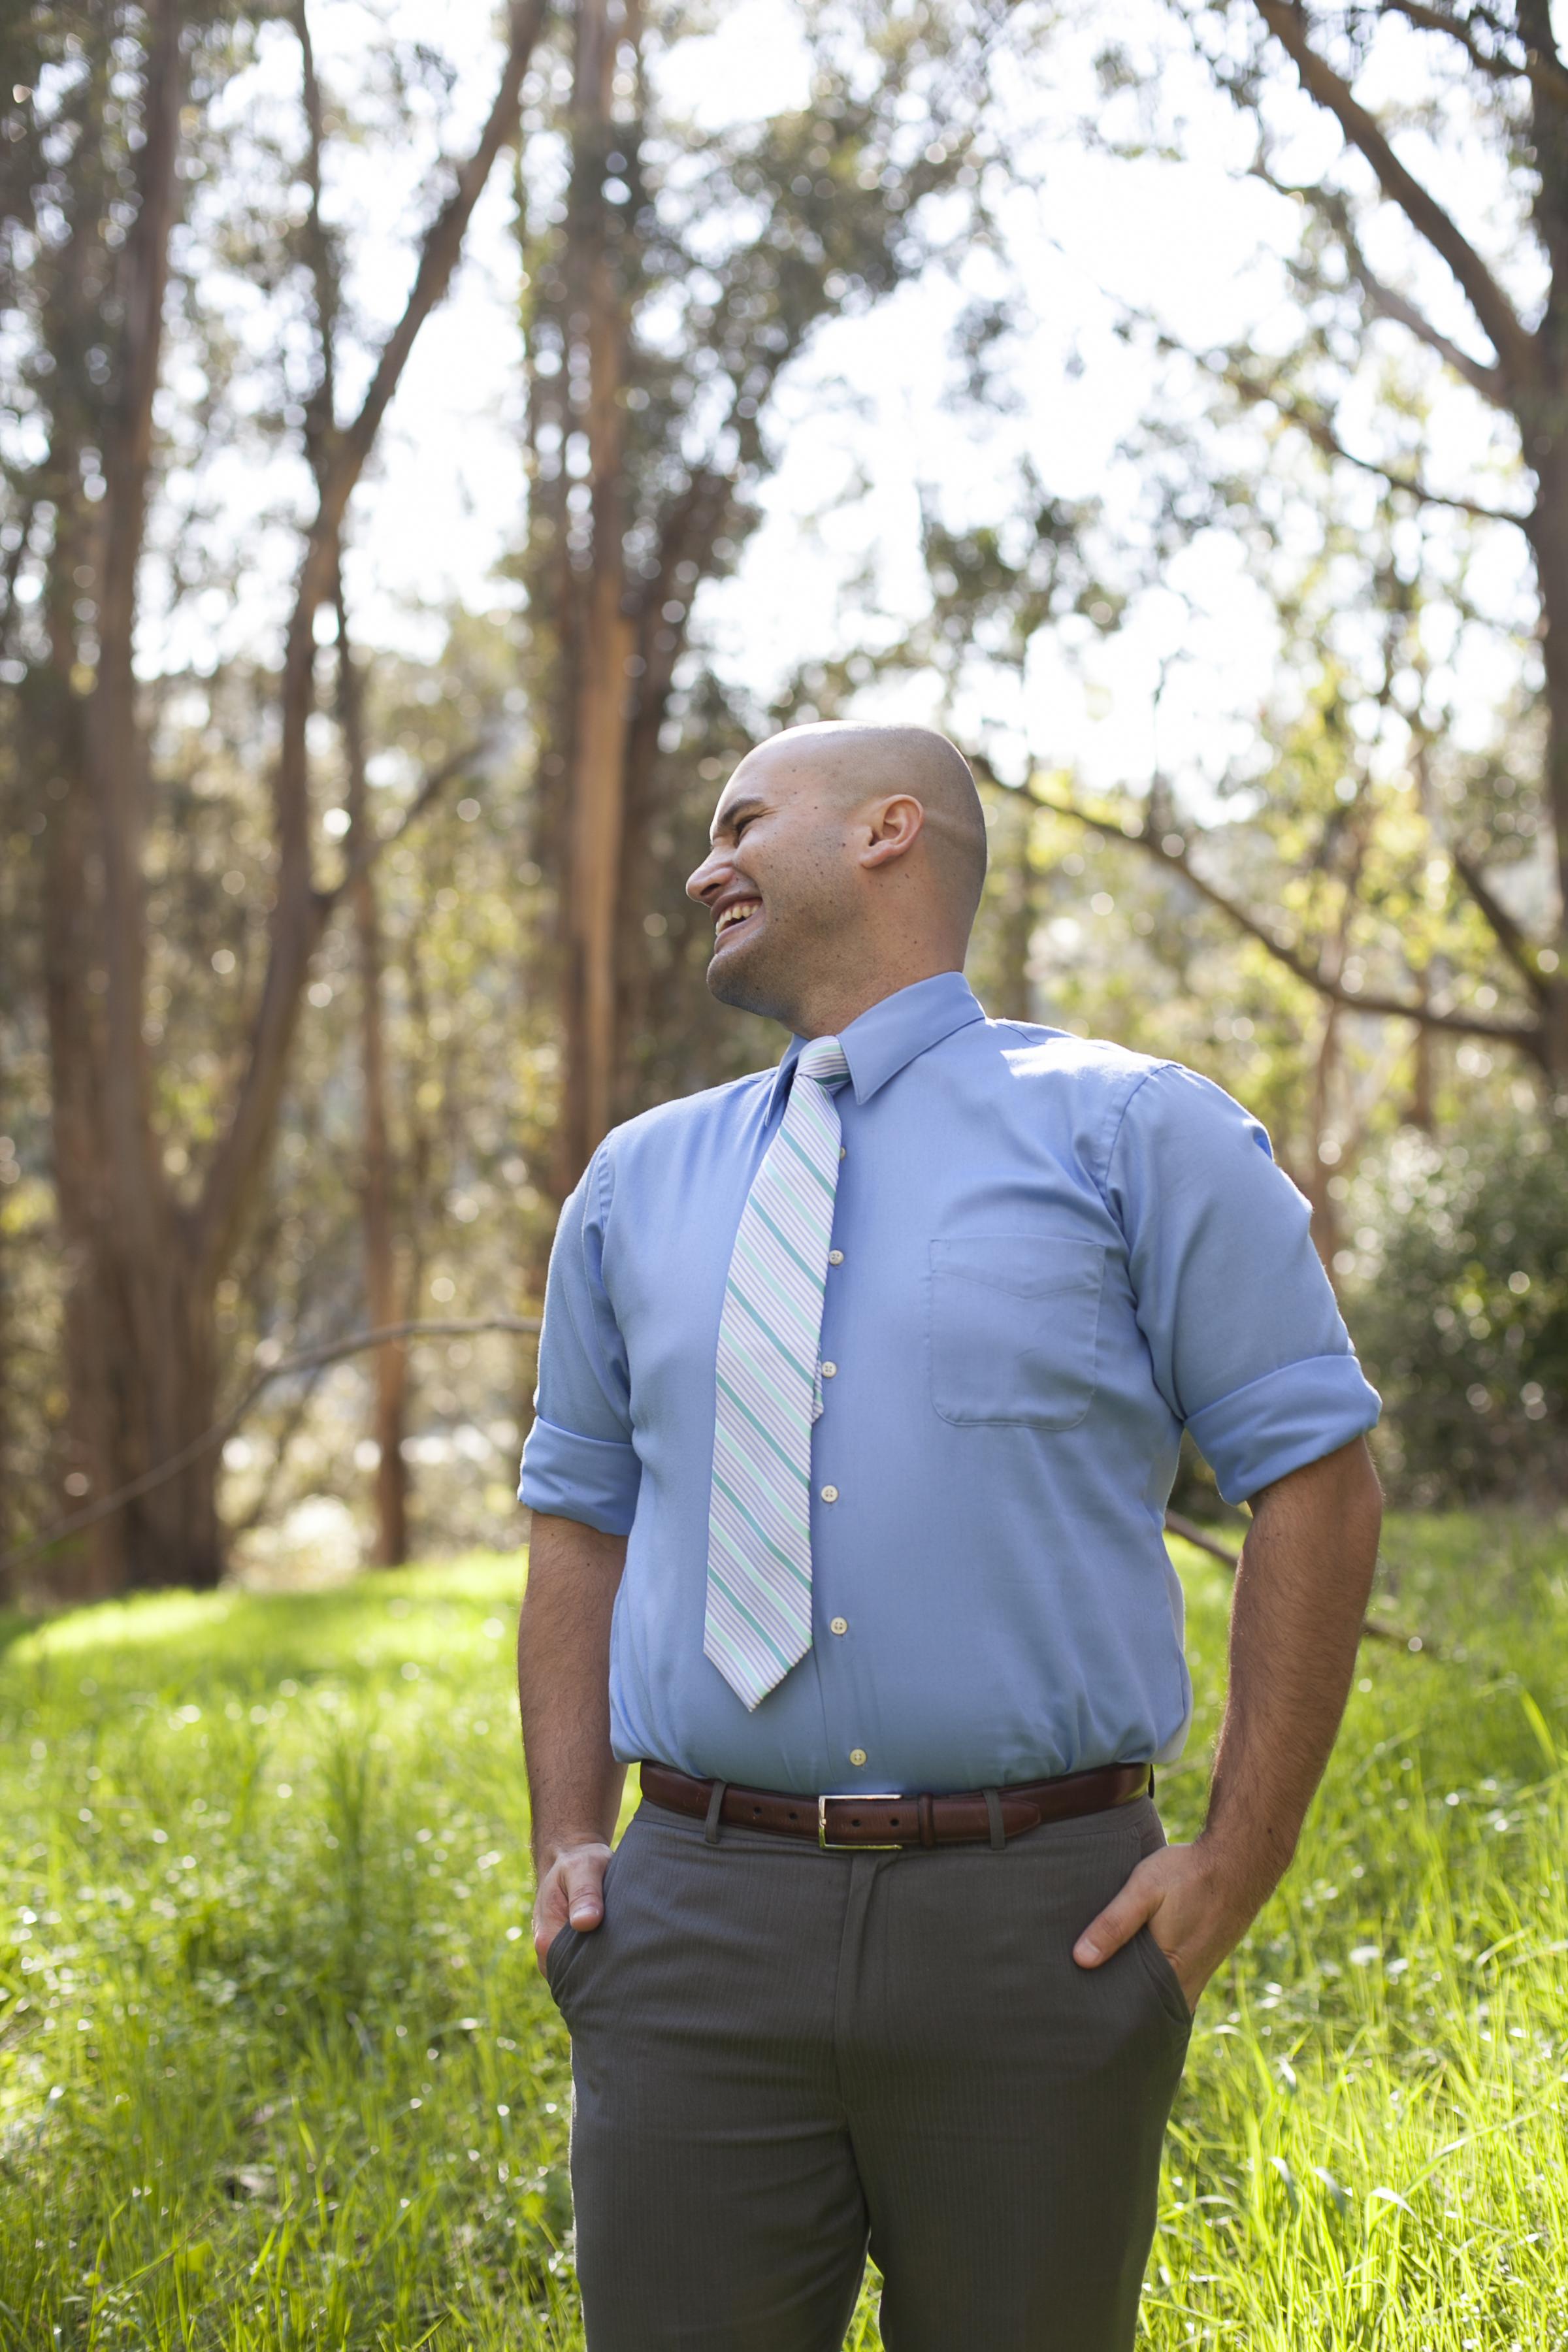 Tilden Park Berkeley Wedding Photographer-Meo Baaklini050.jpg